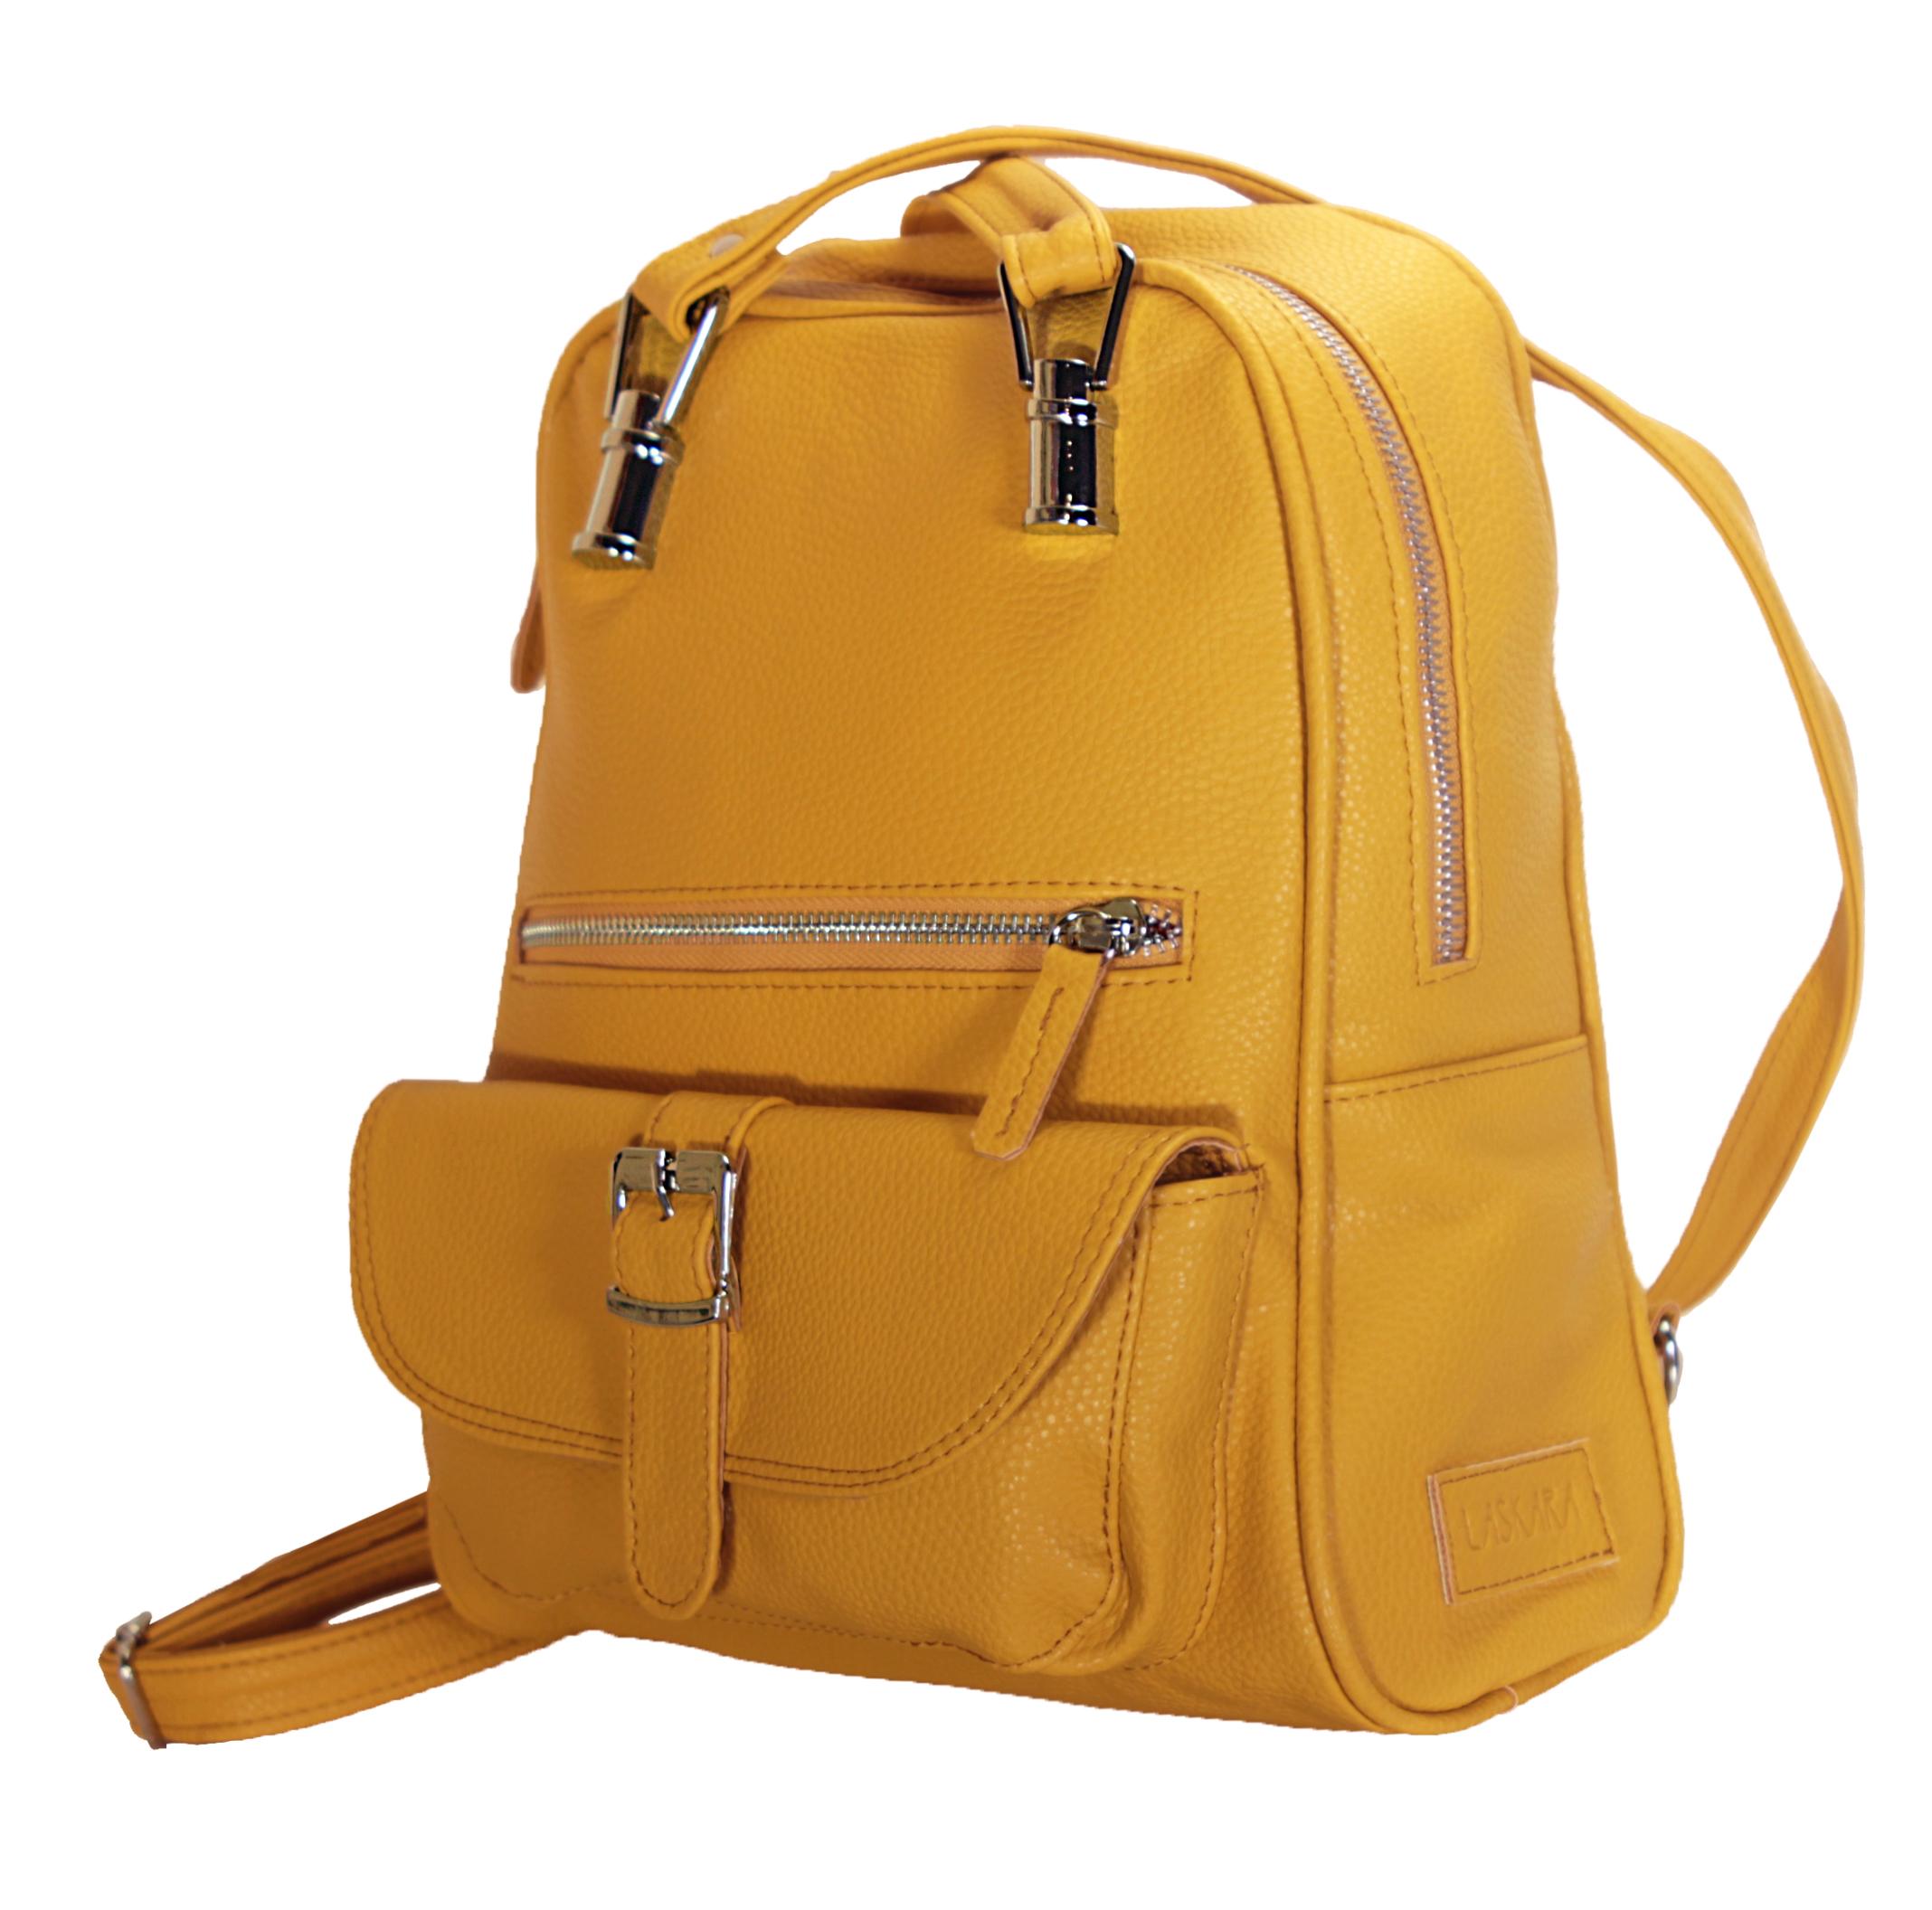 Multifunkční batůžek ve žluté barvě 11-10237-yellow - boční pohled